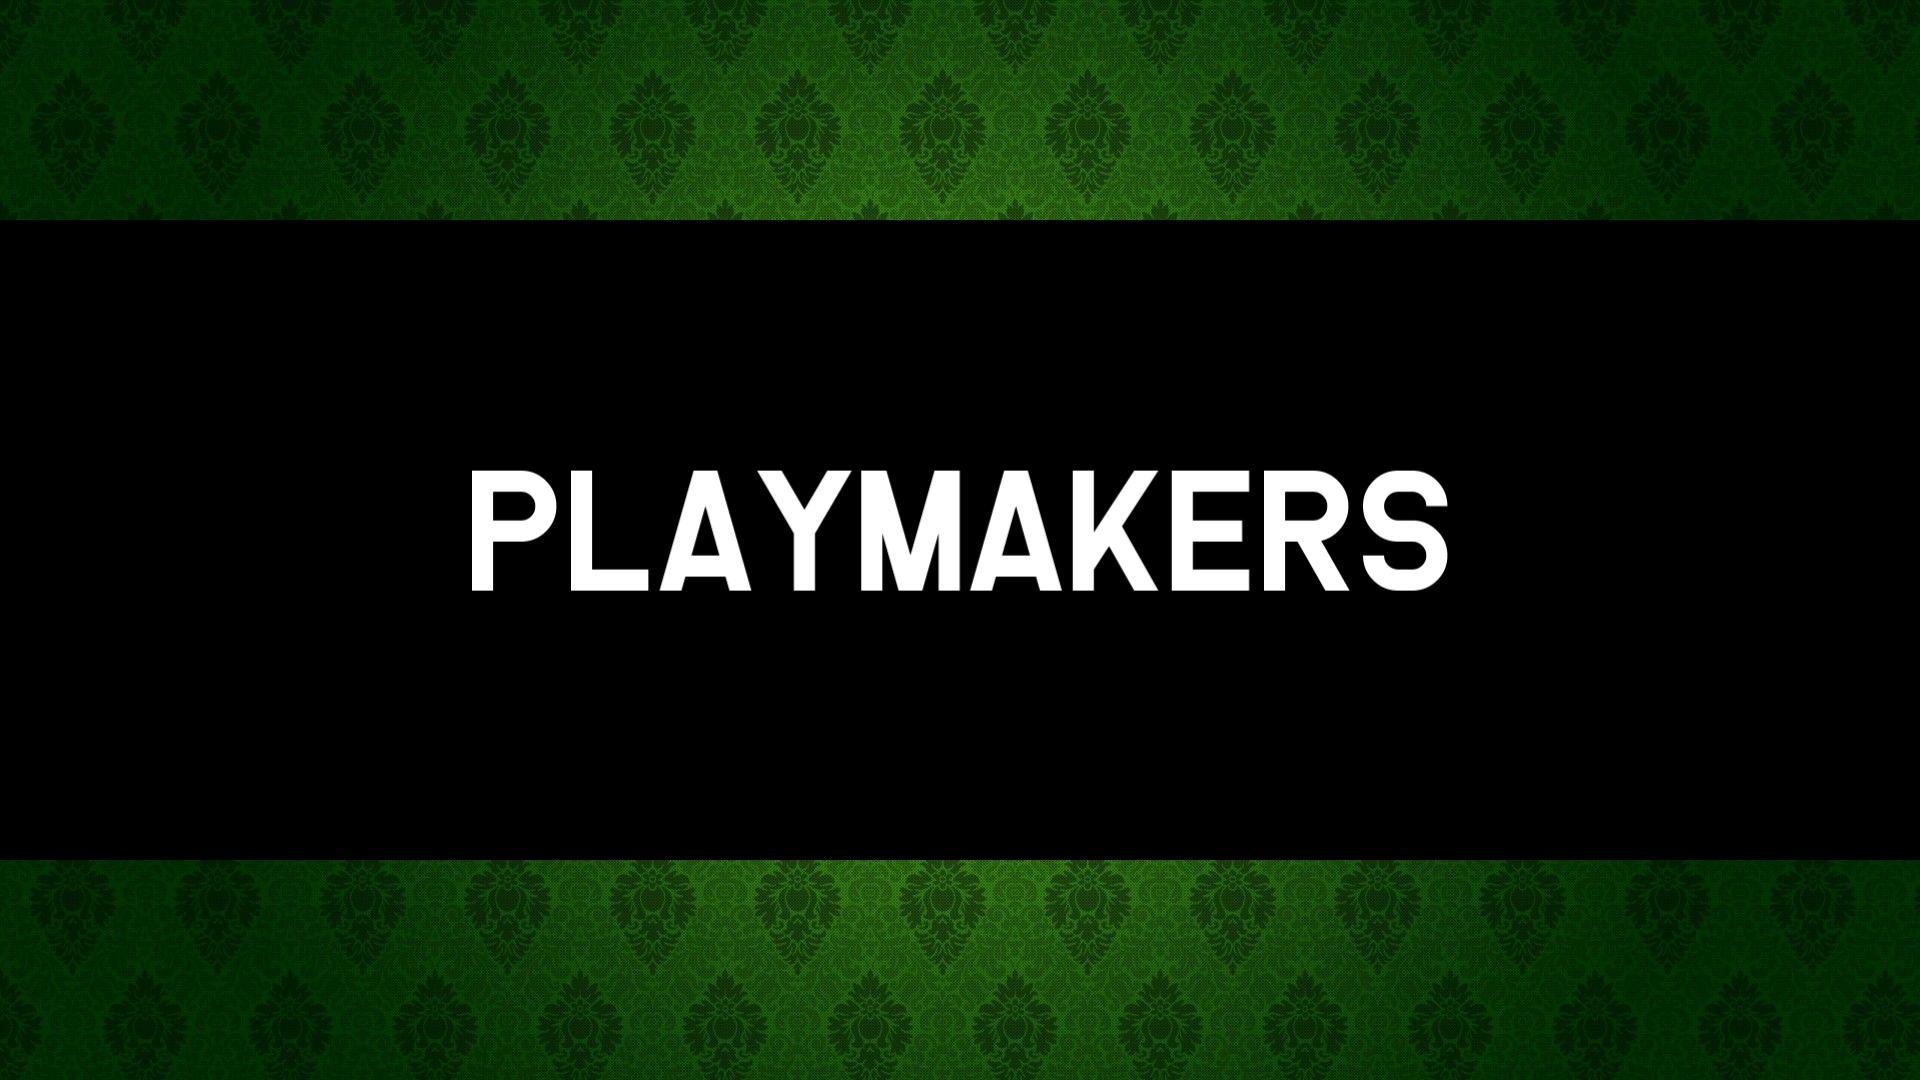 Playmakers.png.cb8011cc6e7741fd3c19e9d521dd205d.png